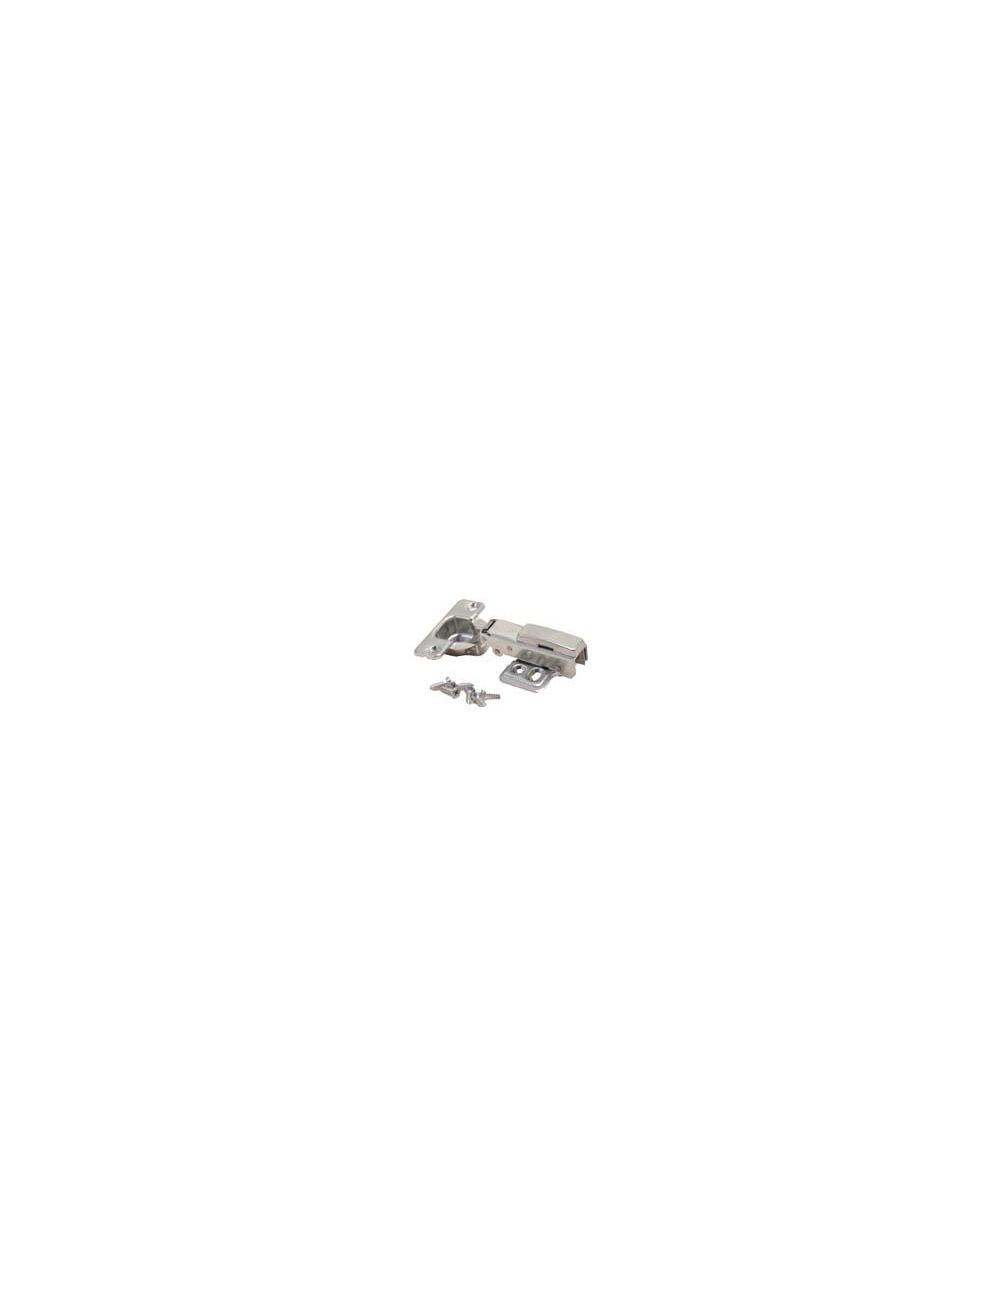 Charnières de porte avant pour Red Sea Max S-500 (x4)